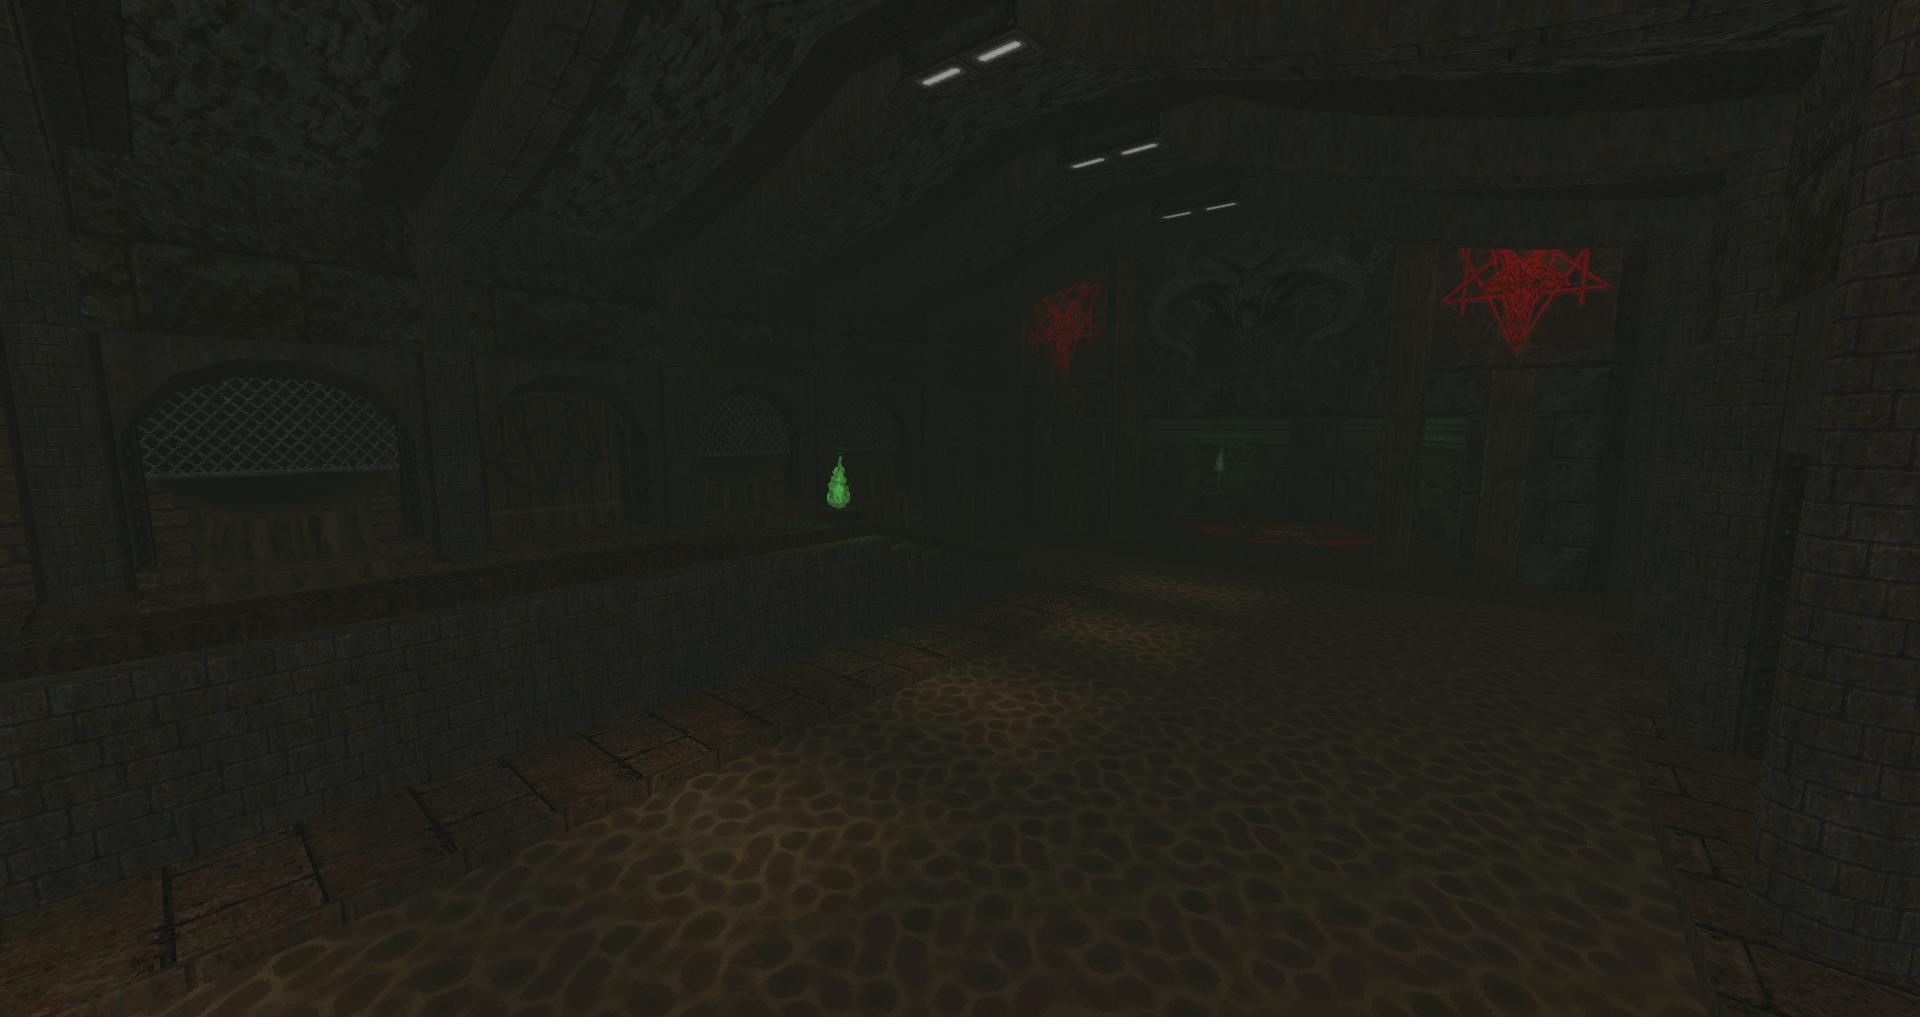 Screenshot_Doom_20200728_102019.png.b0878212edfd9738397d64a0e4480dea.png